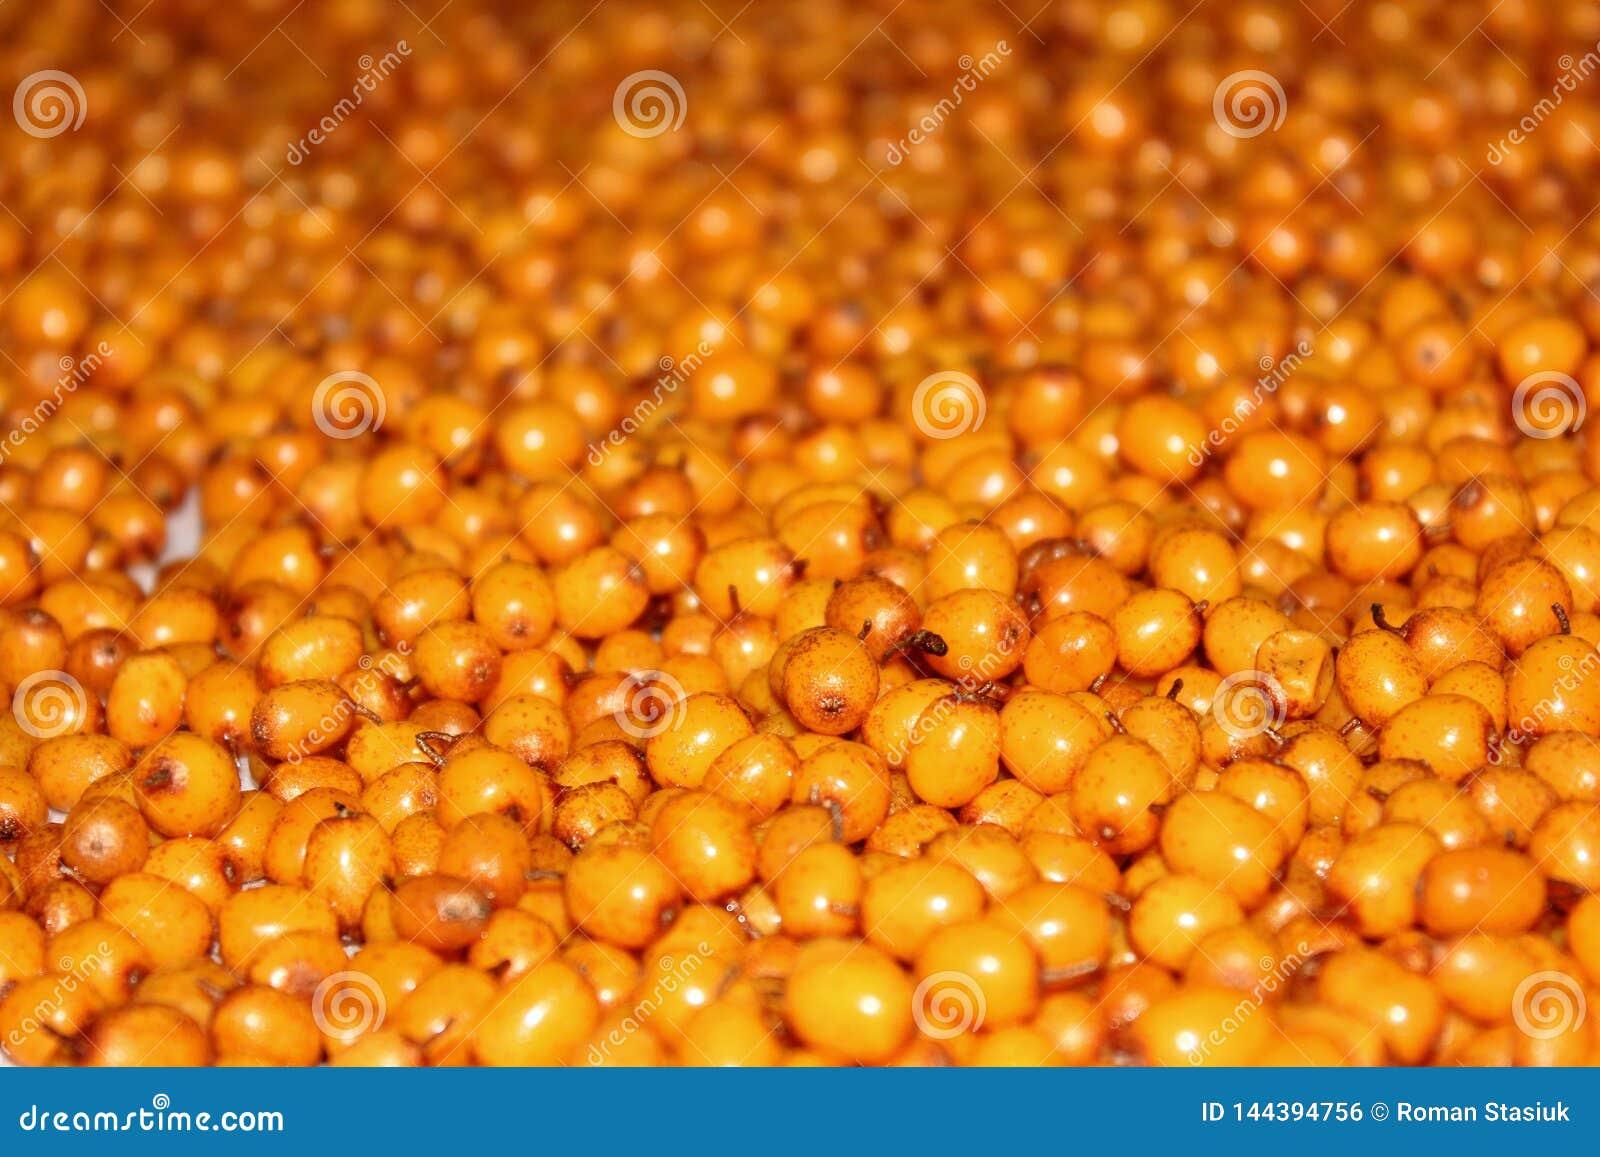 Fondo del berrie amarillo fondo del espino cerval del sSea